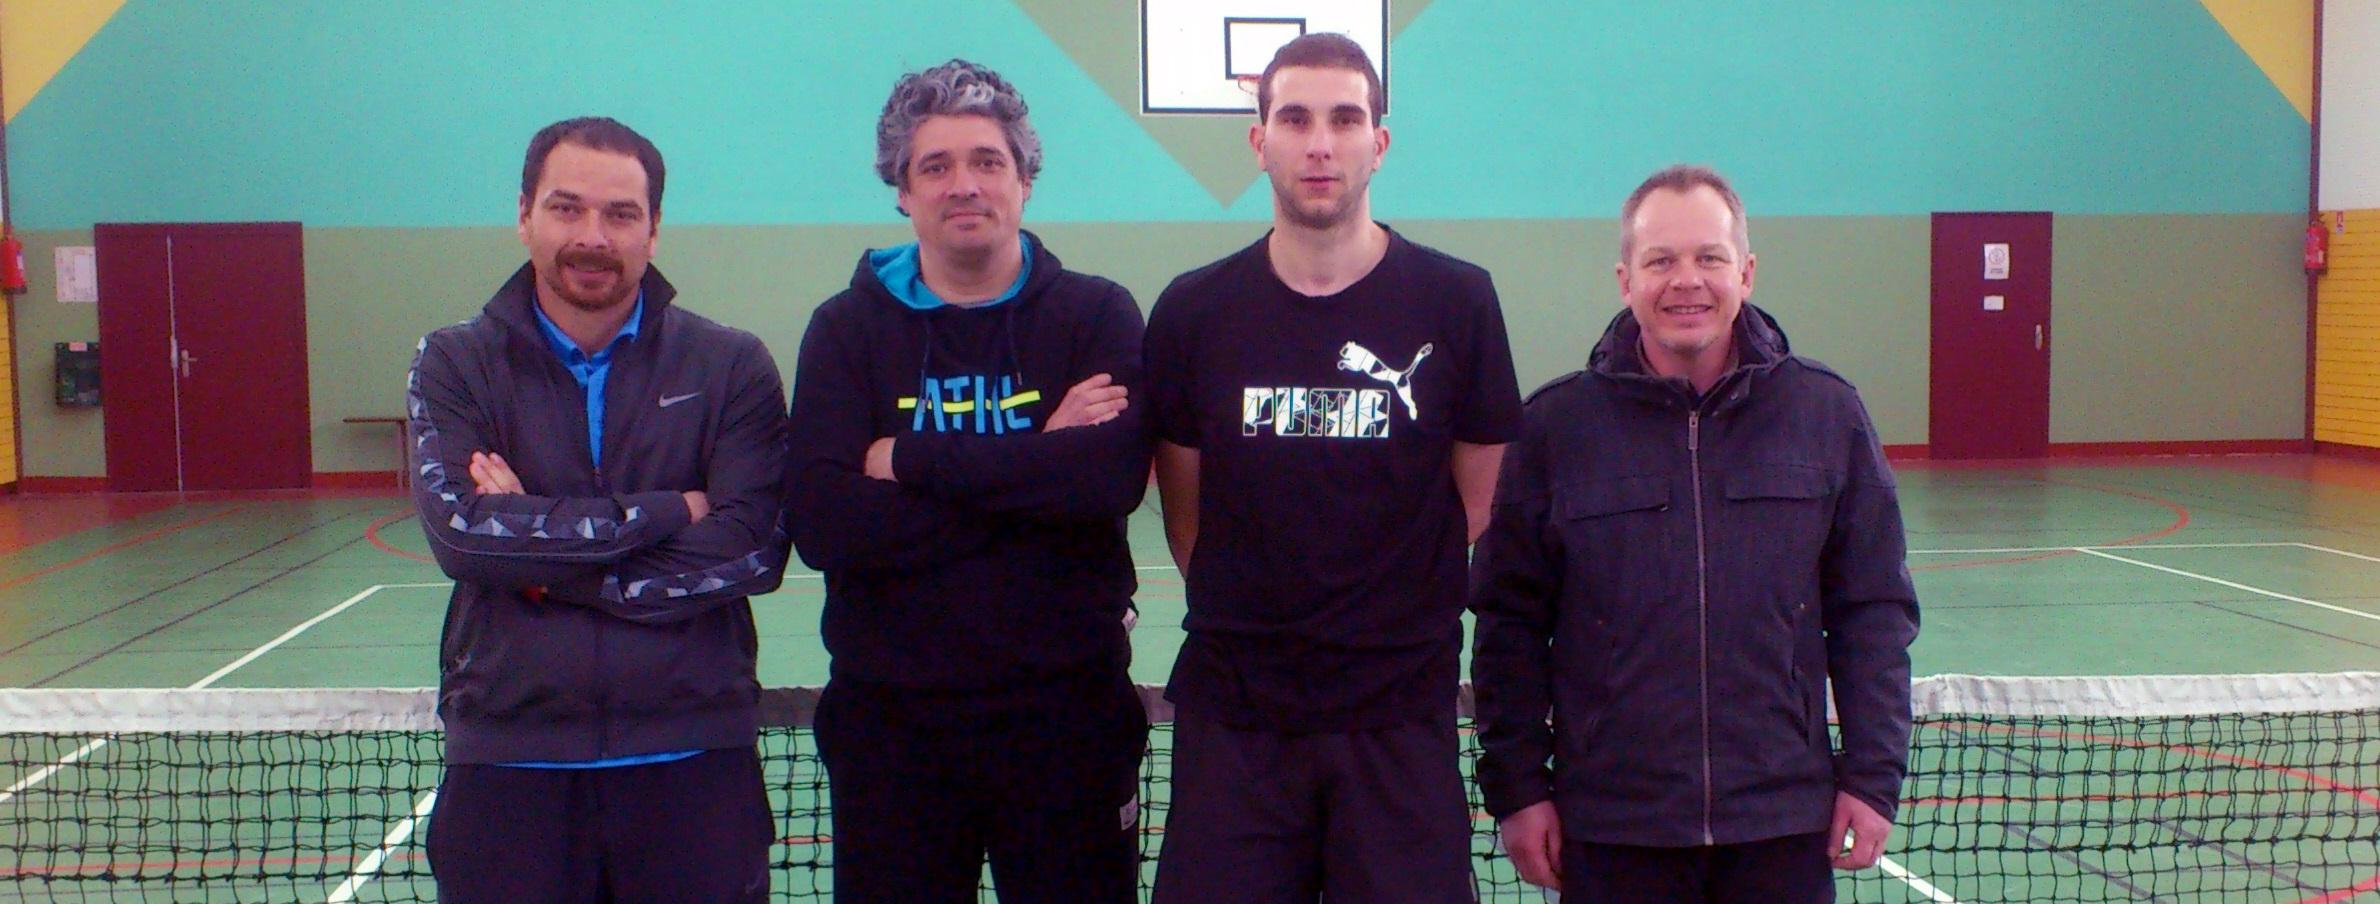 Equipe 2 des championnats de printemps 2015